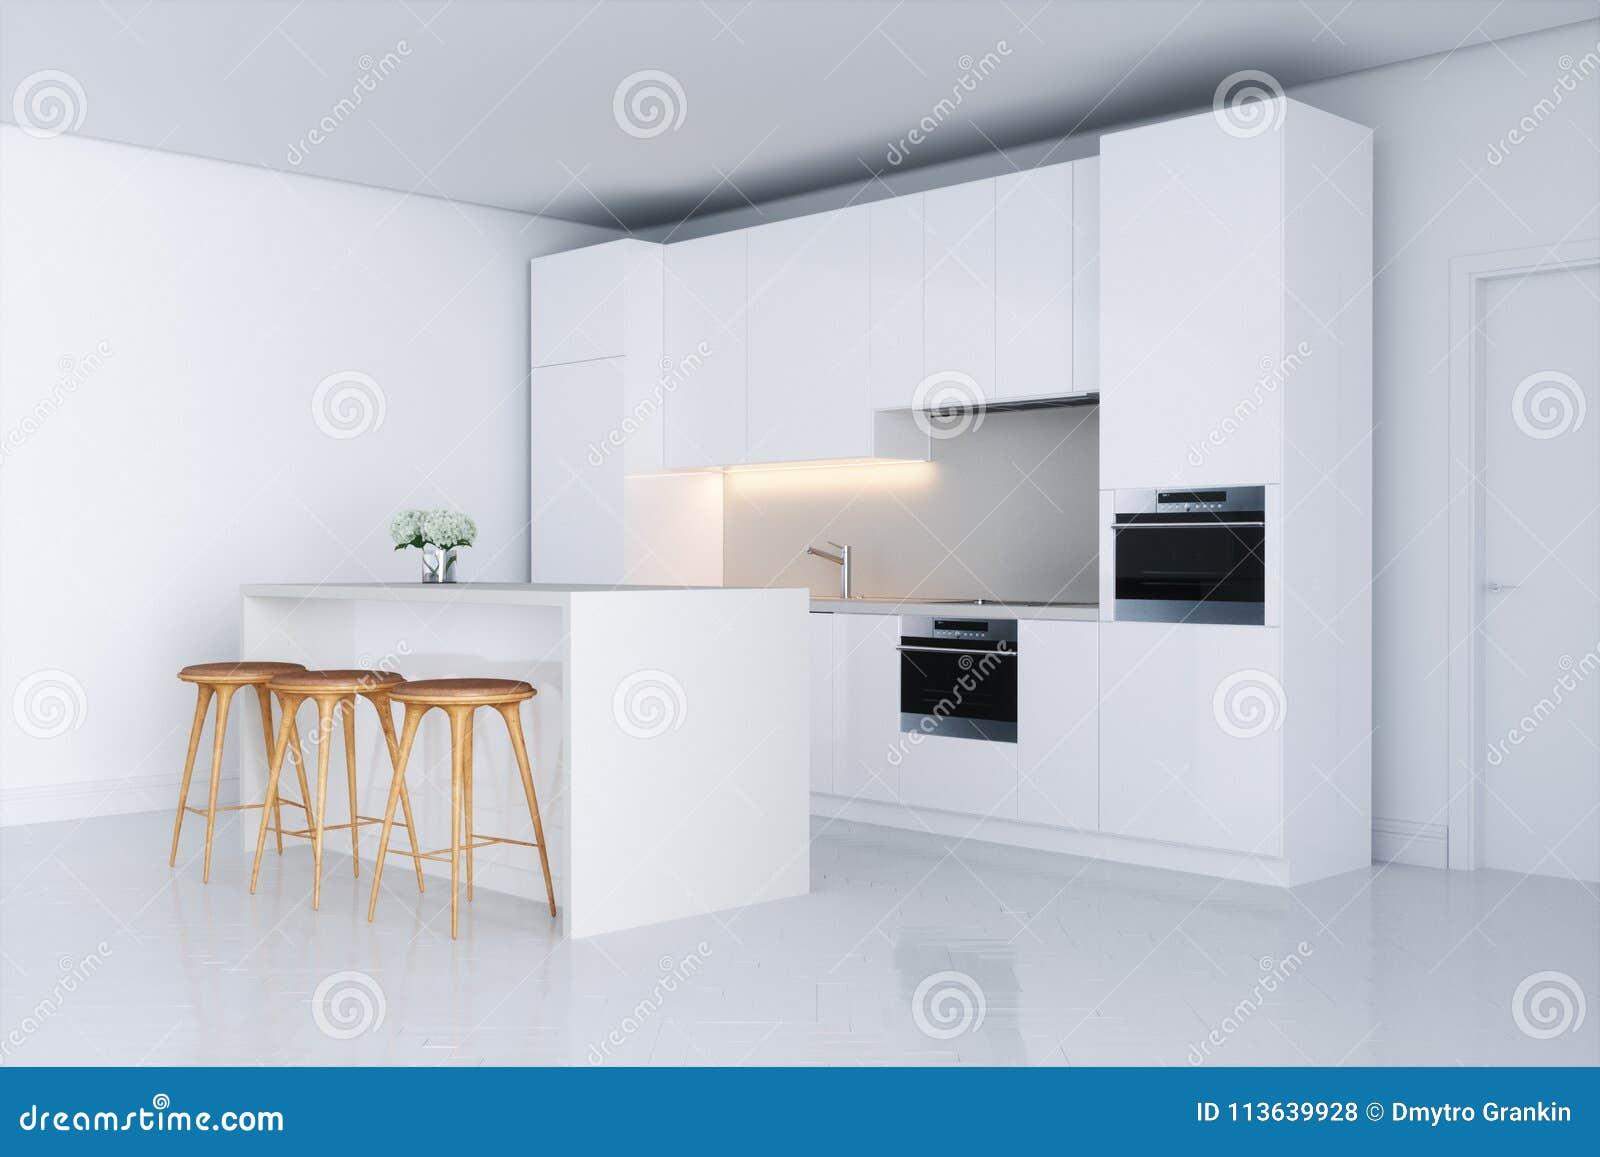 Niedlich Küchendesign Cad Freeware Fotos - Küche Set Ideen ...